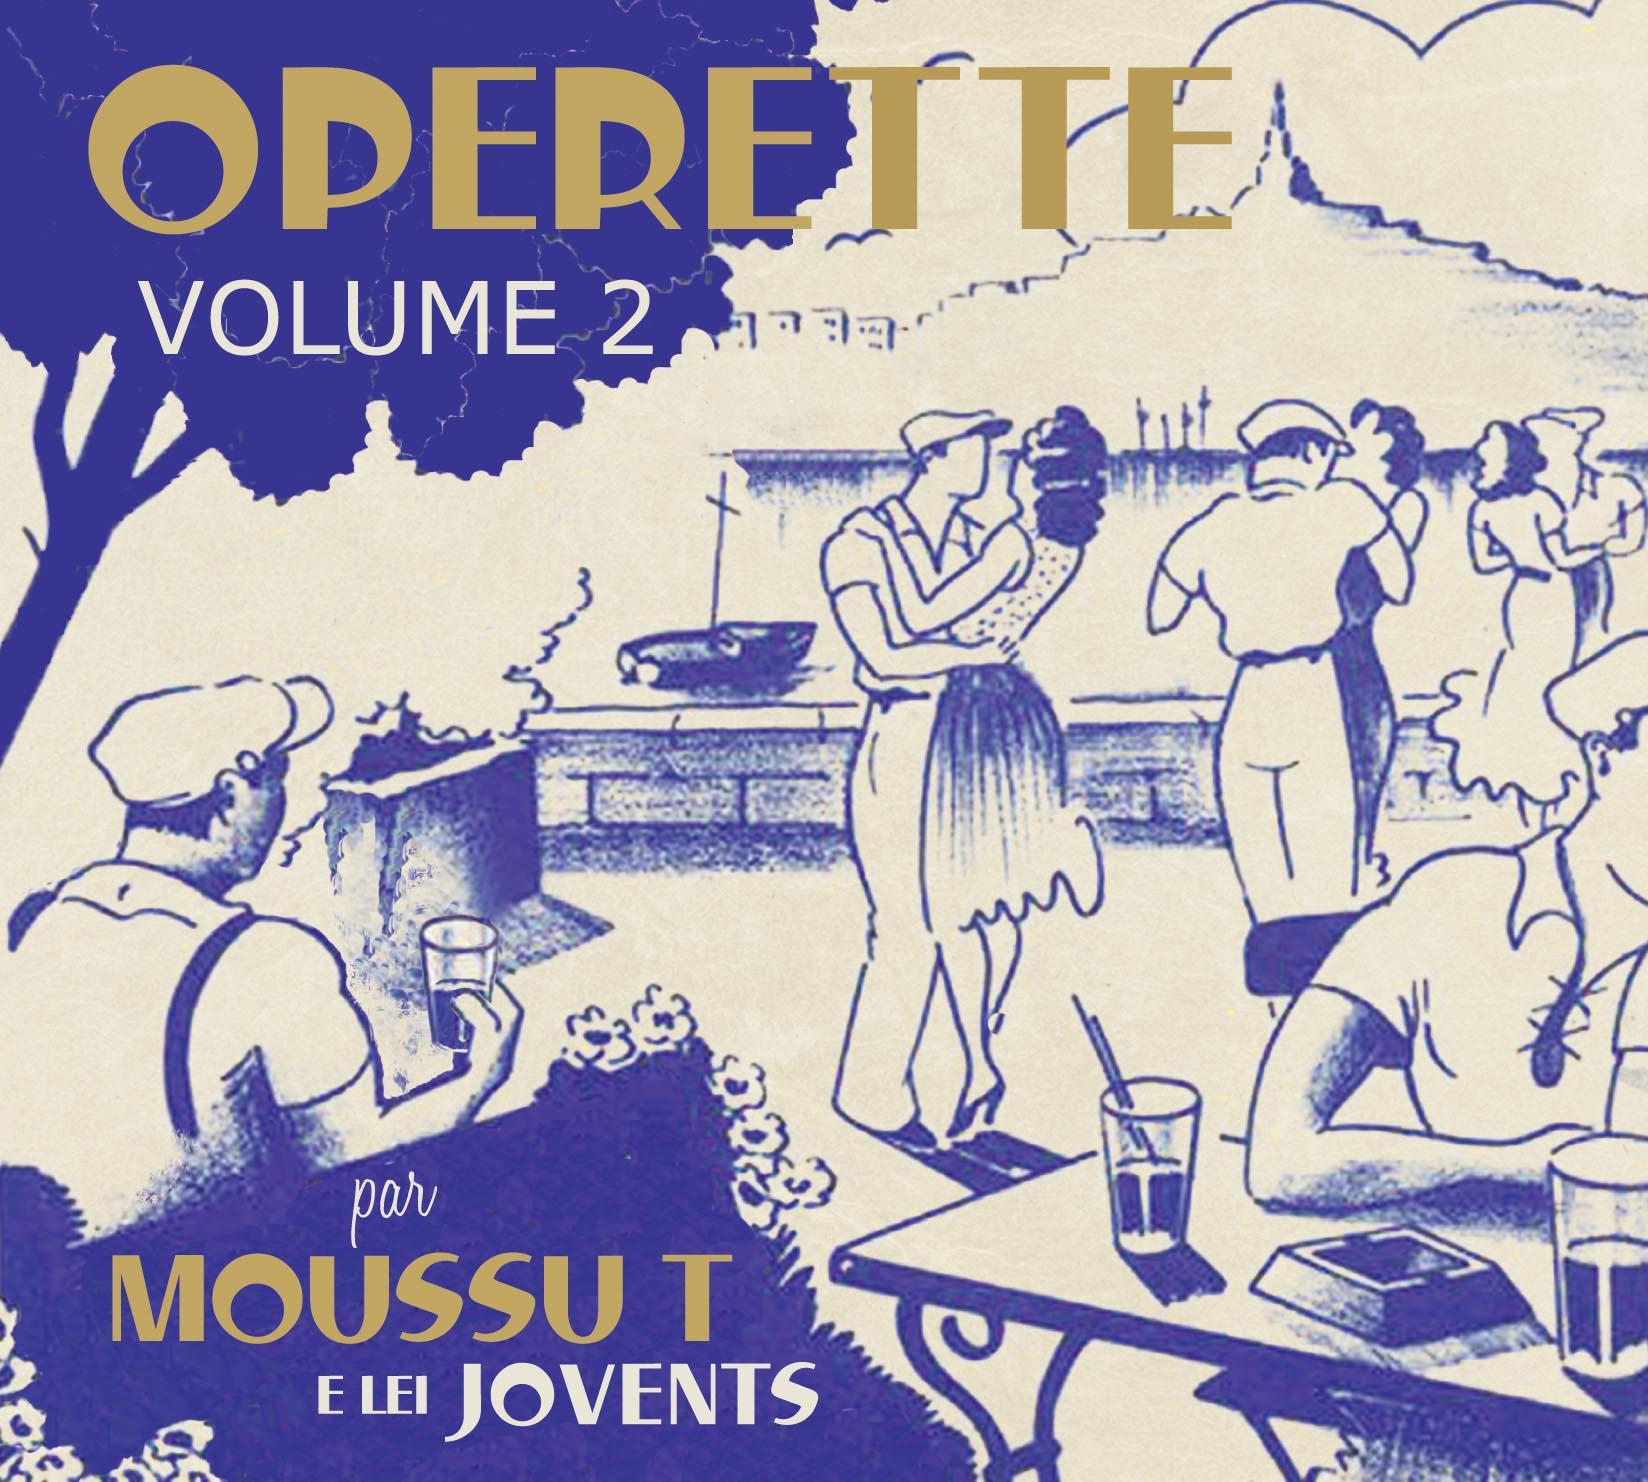 opérette volume 2